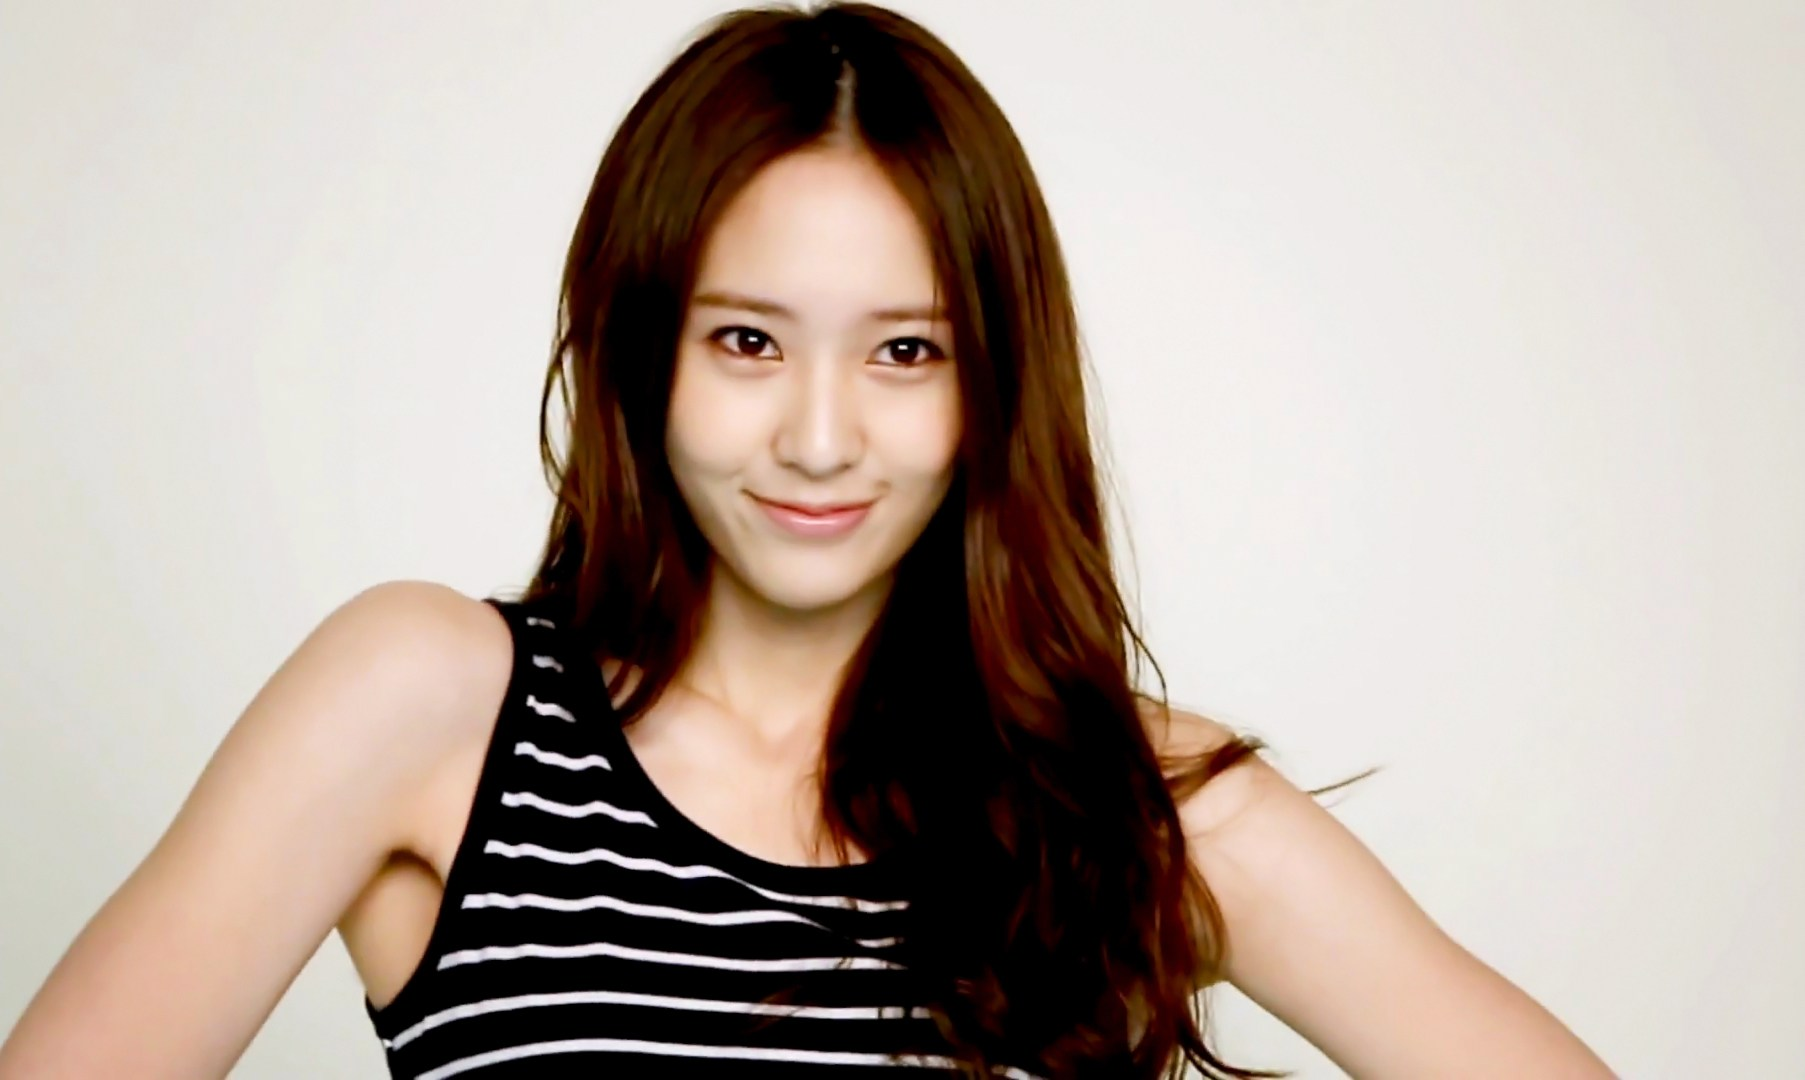 另外韓國的Krystal水晶,也是中分界的美人代表,給人第一印象有點冷艷的她,就把中分駕馭得超、成、功~